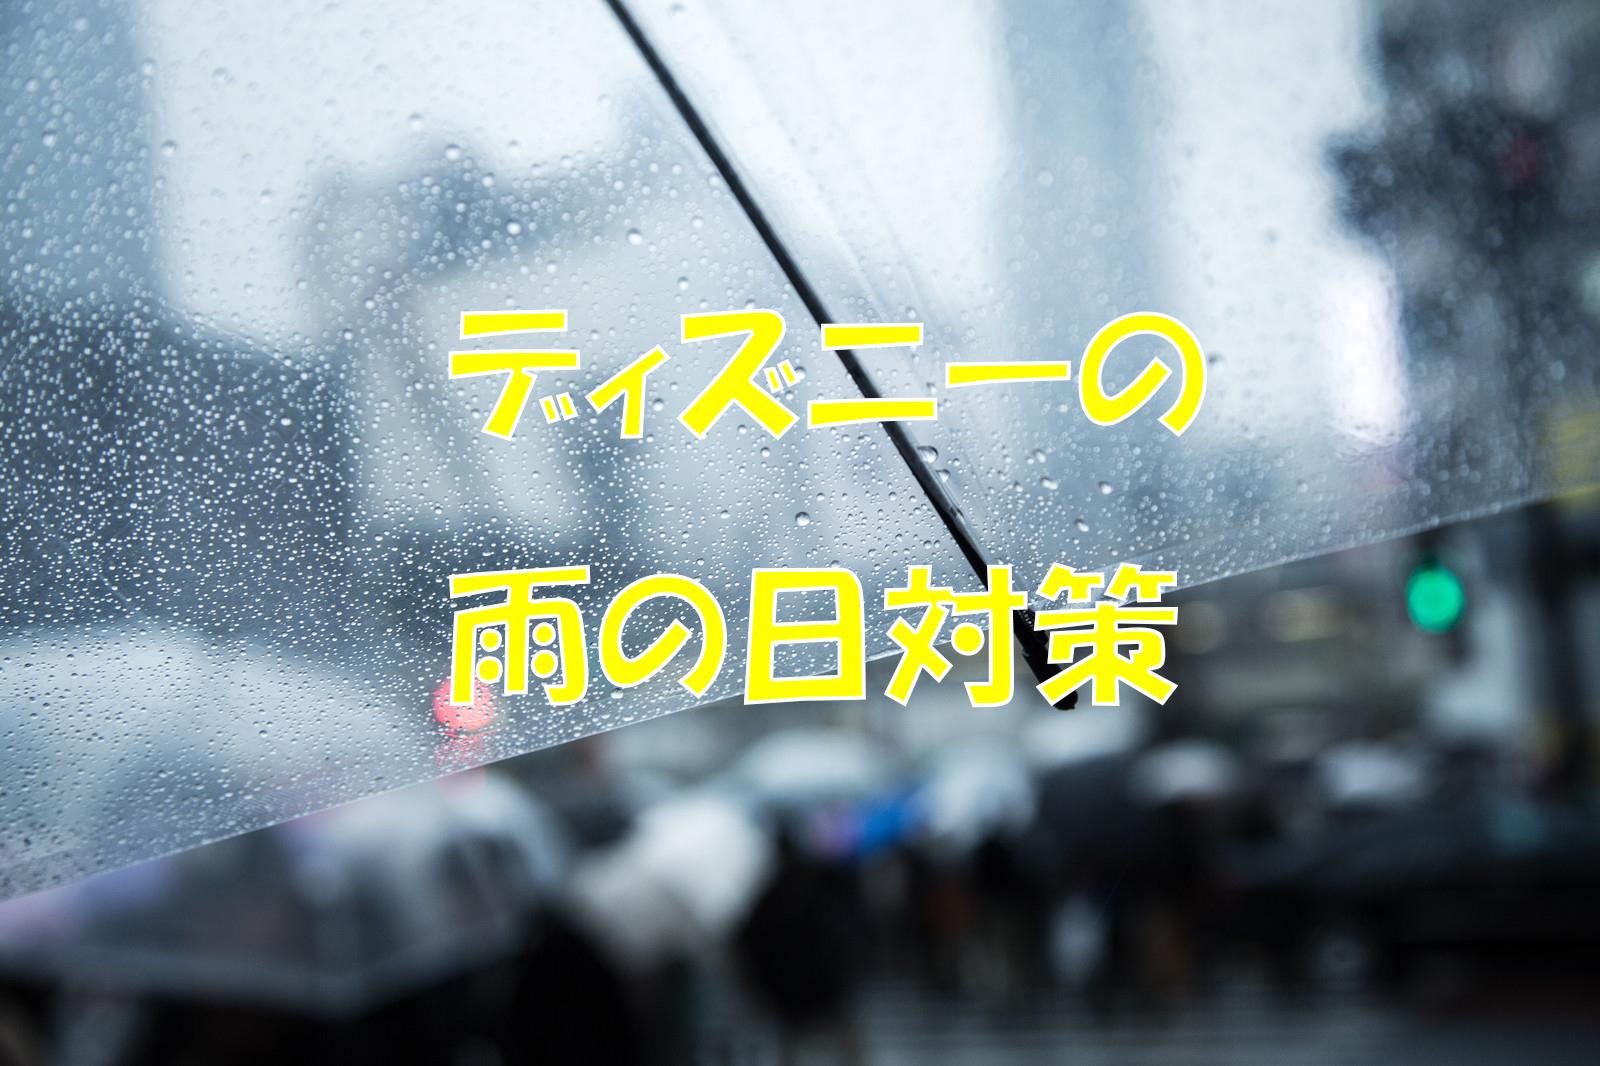 ディズニーの雨の日